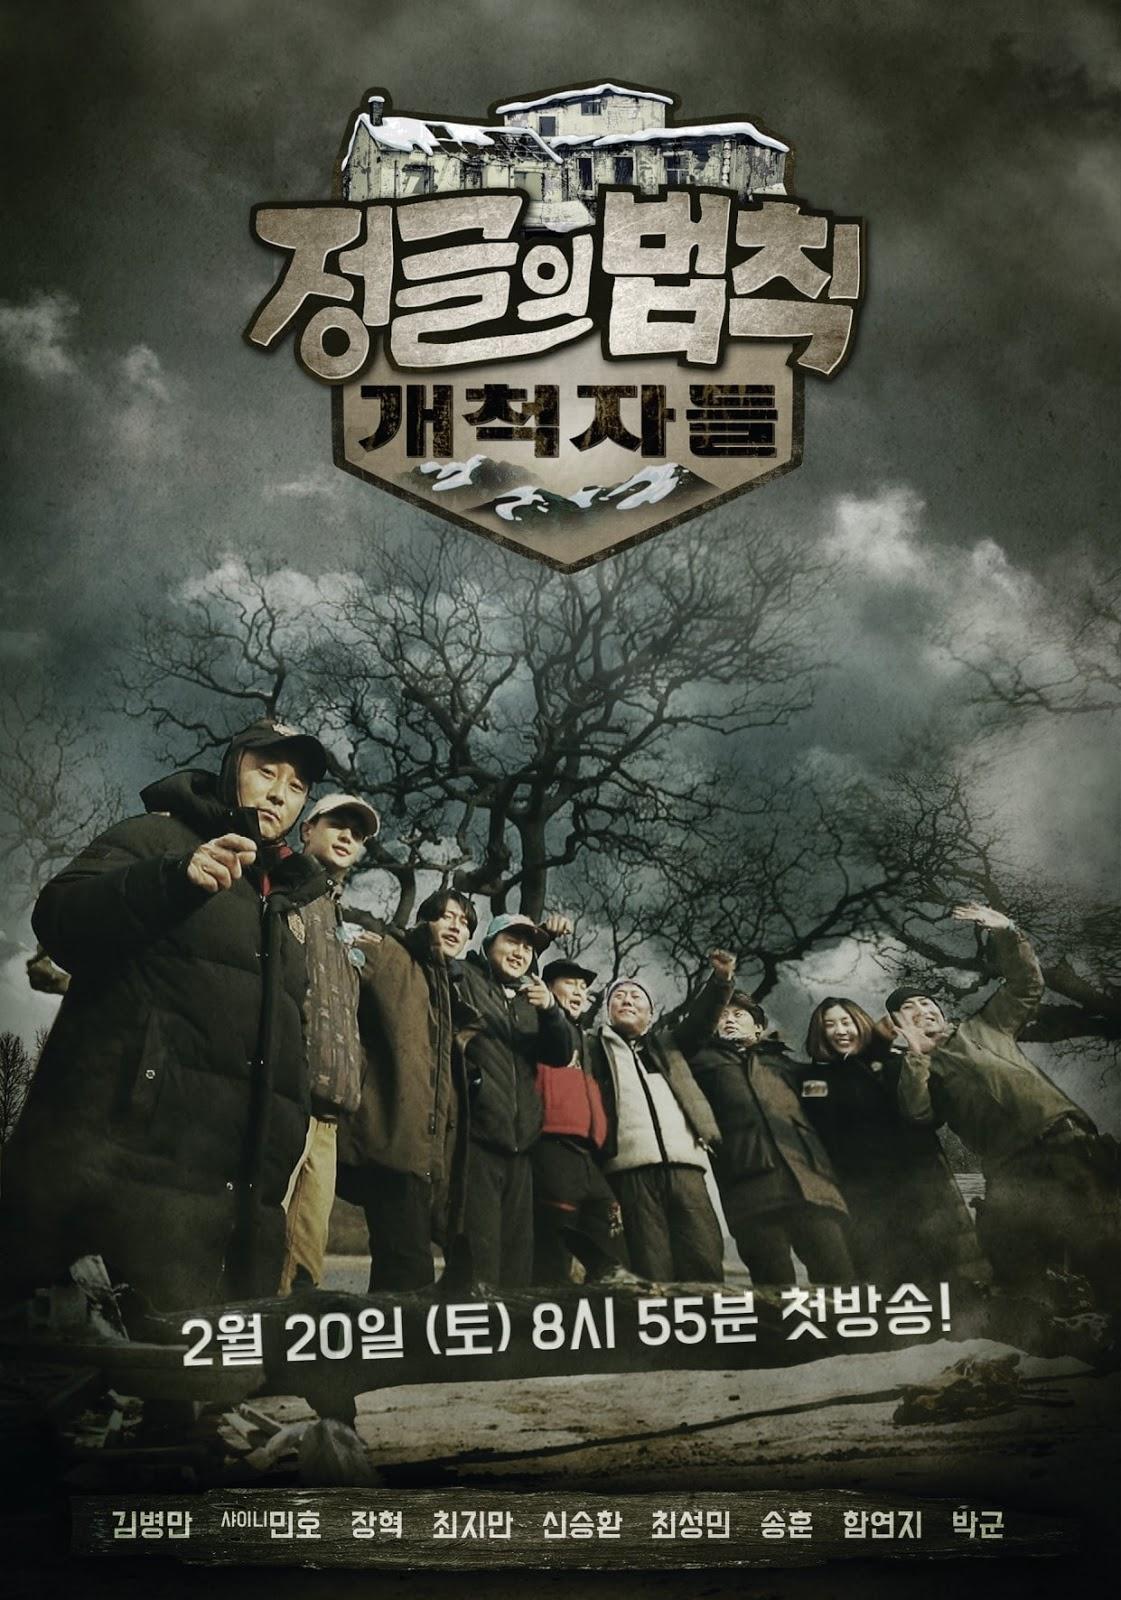 nueva temporada law of the jungle